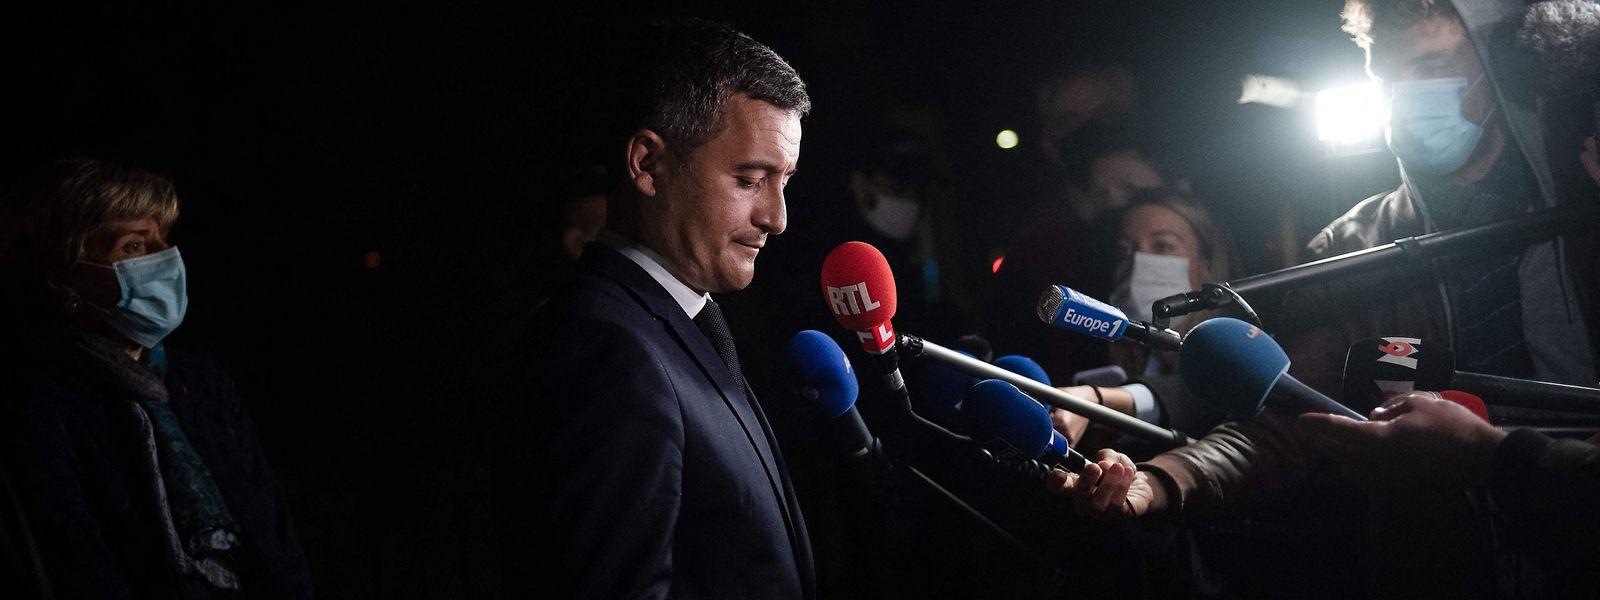 Innenminister Gerald Darmanin zeigte sich vor der Presse am Mittwochabend betroffen.